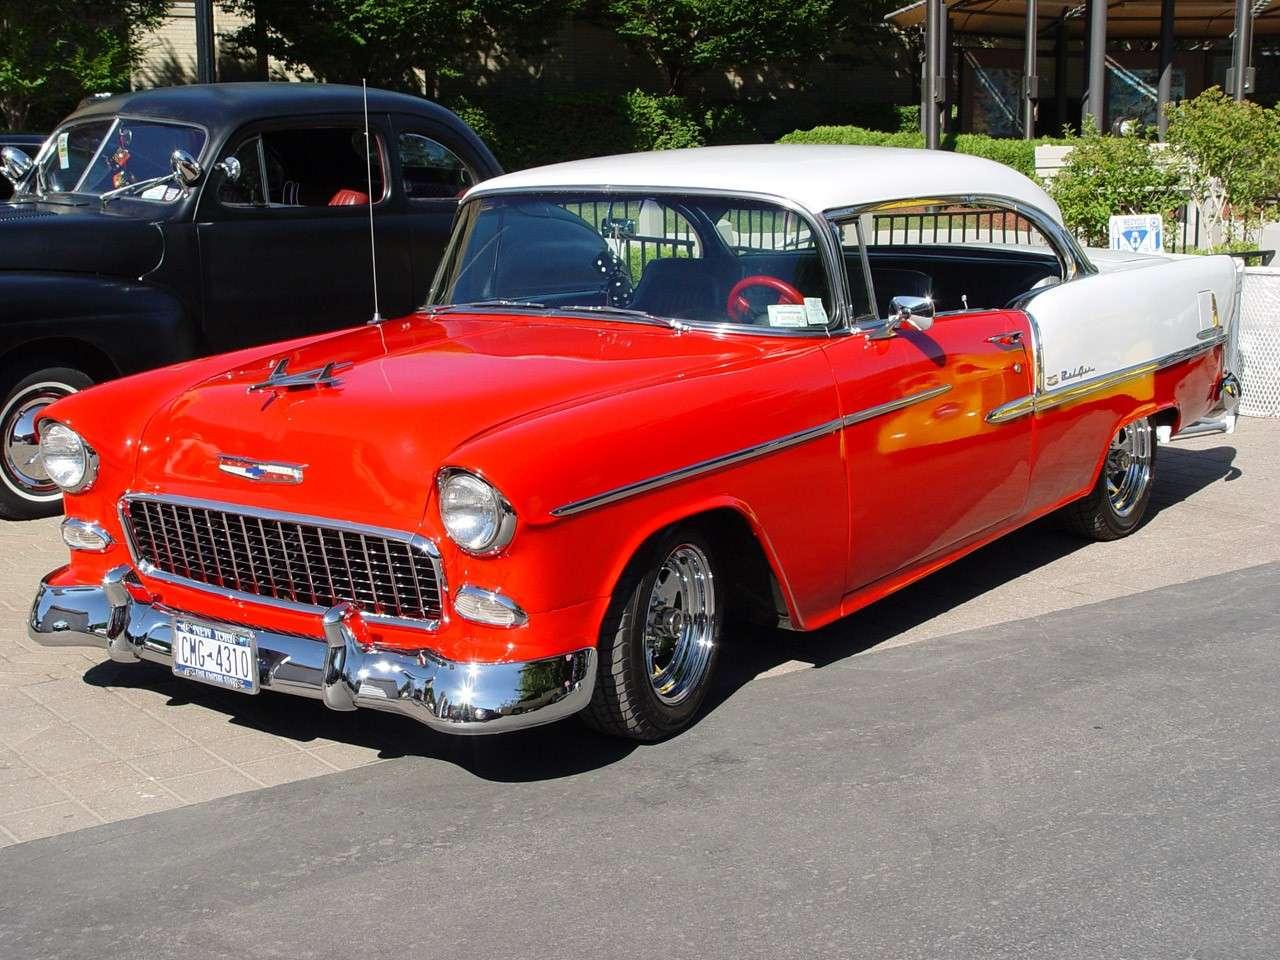 les belles photos de Chevrolet... juste pour rêver un peu 1955-c10